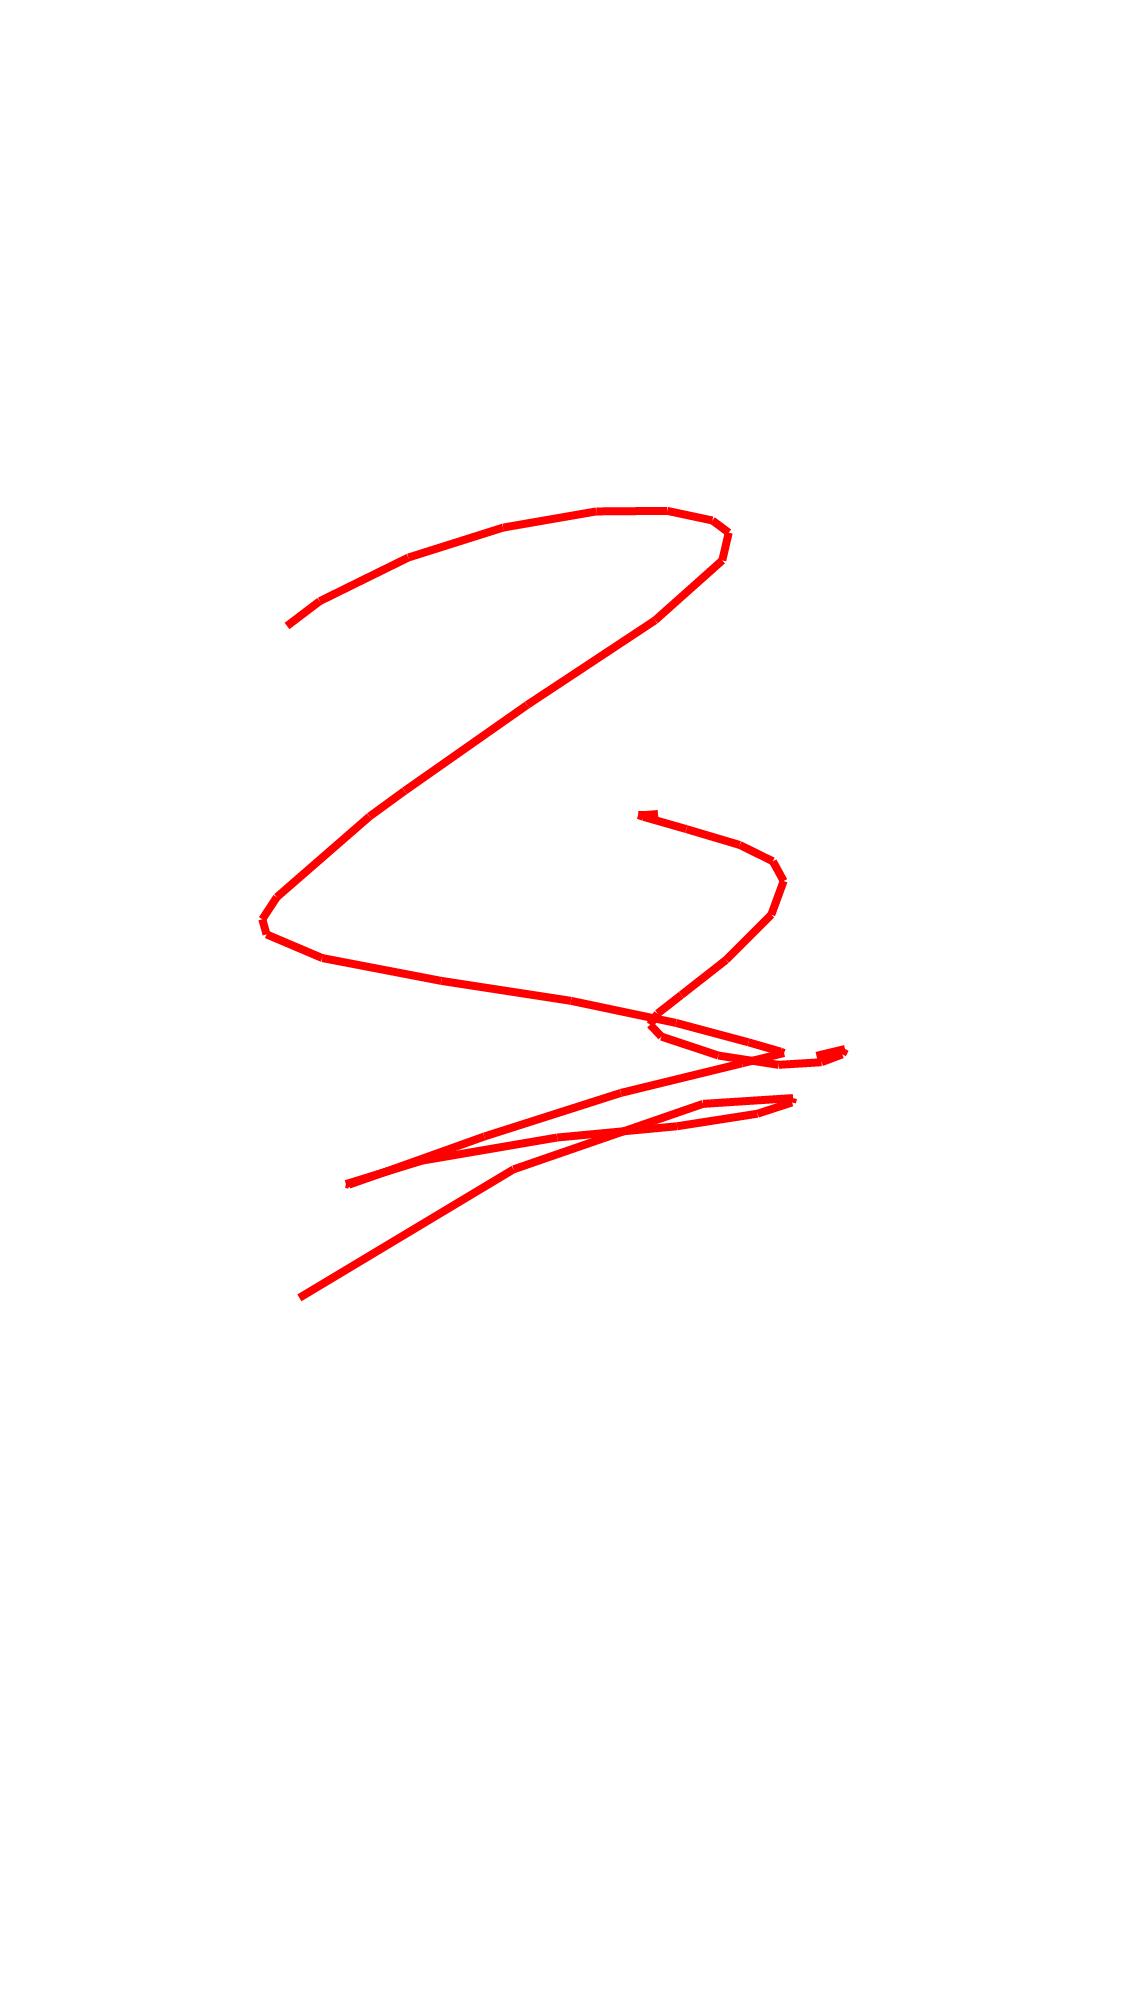 1471362291330.jpg